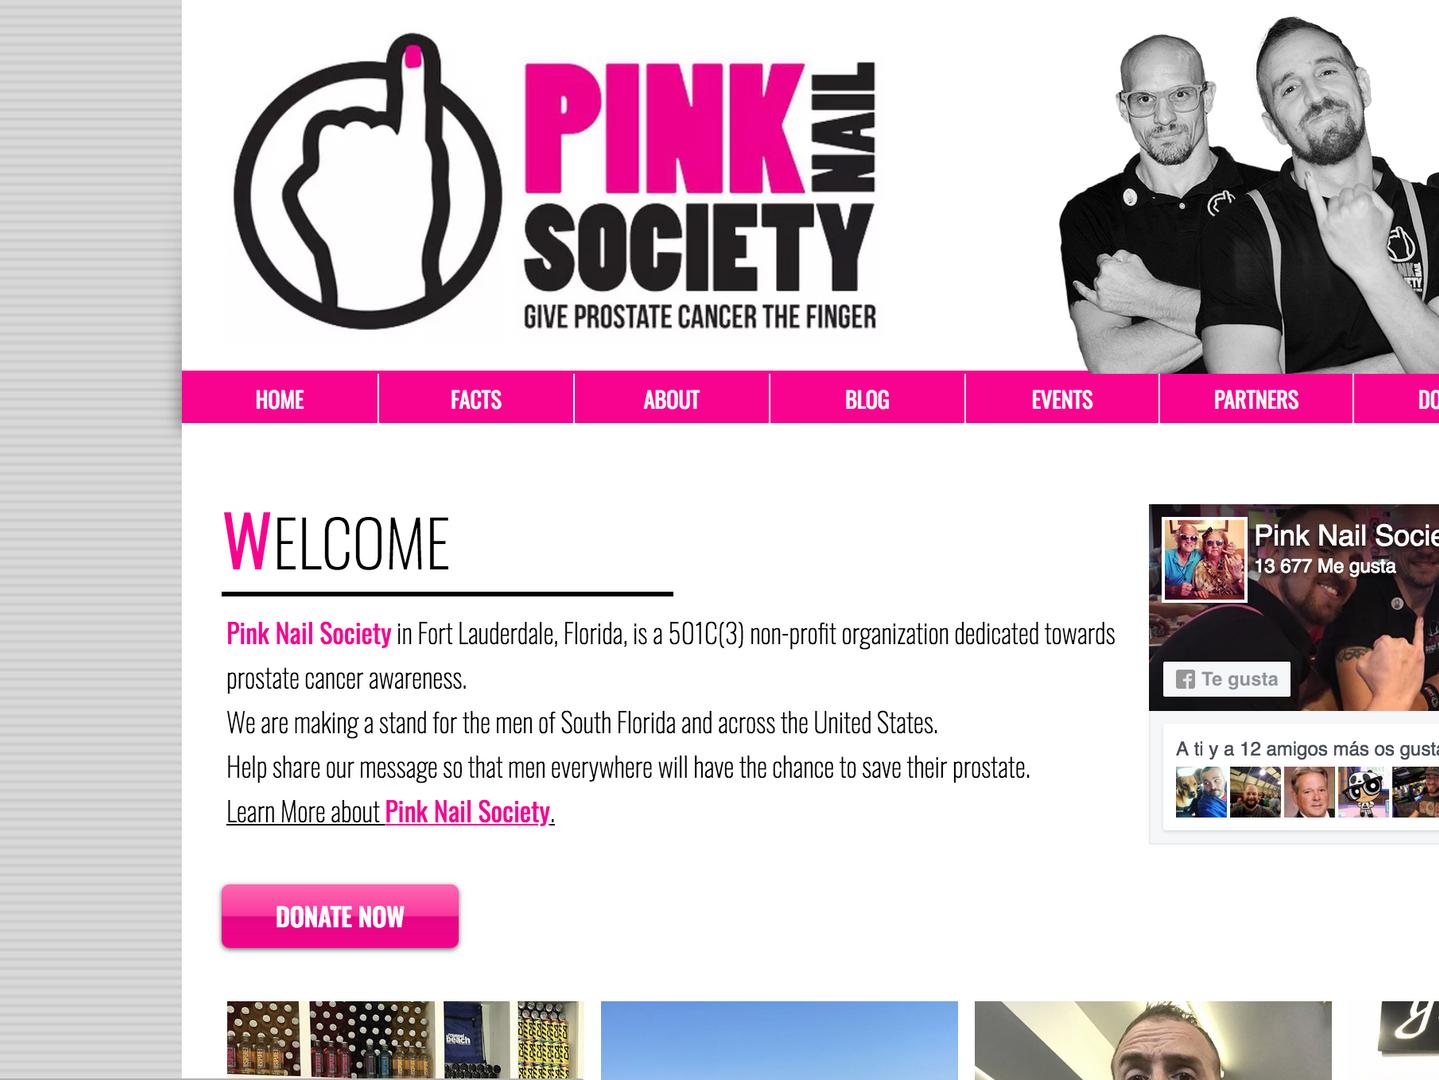 www.pinknailsociety.com